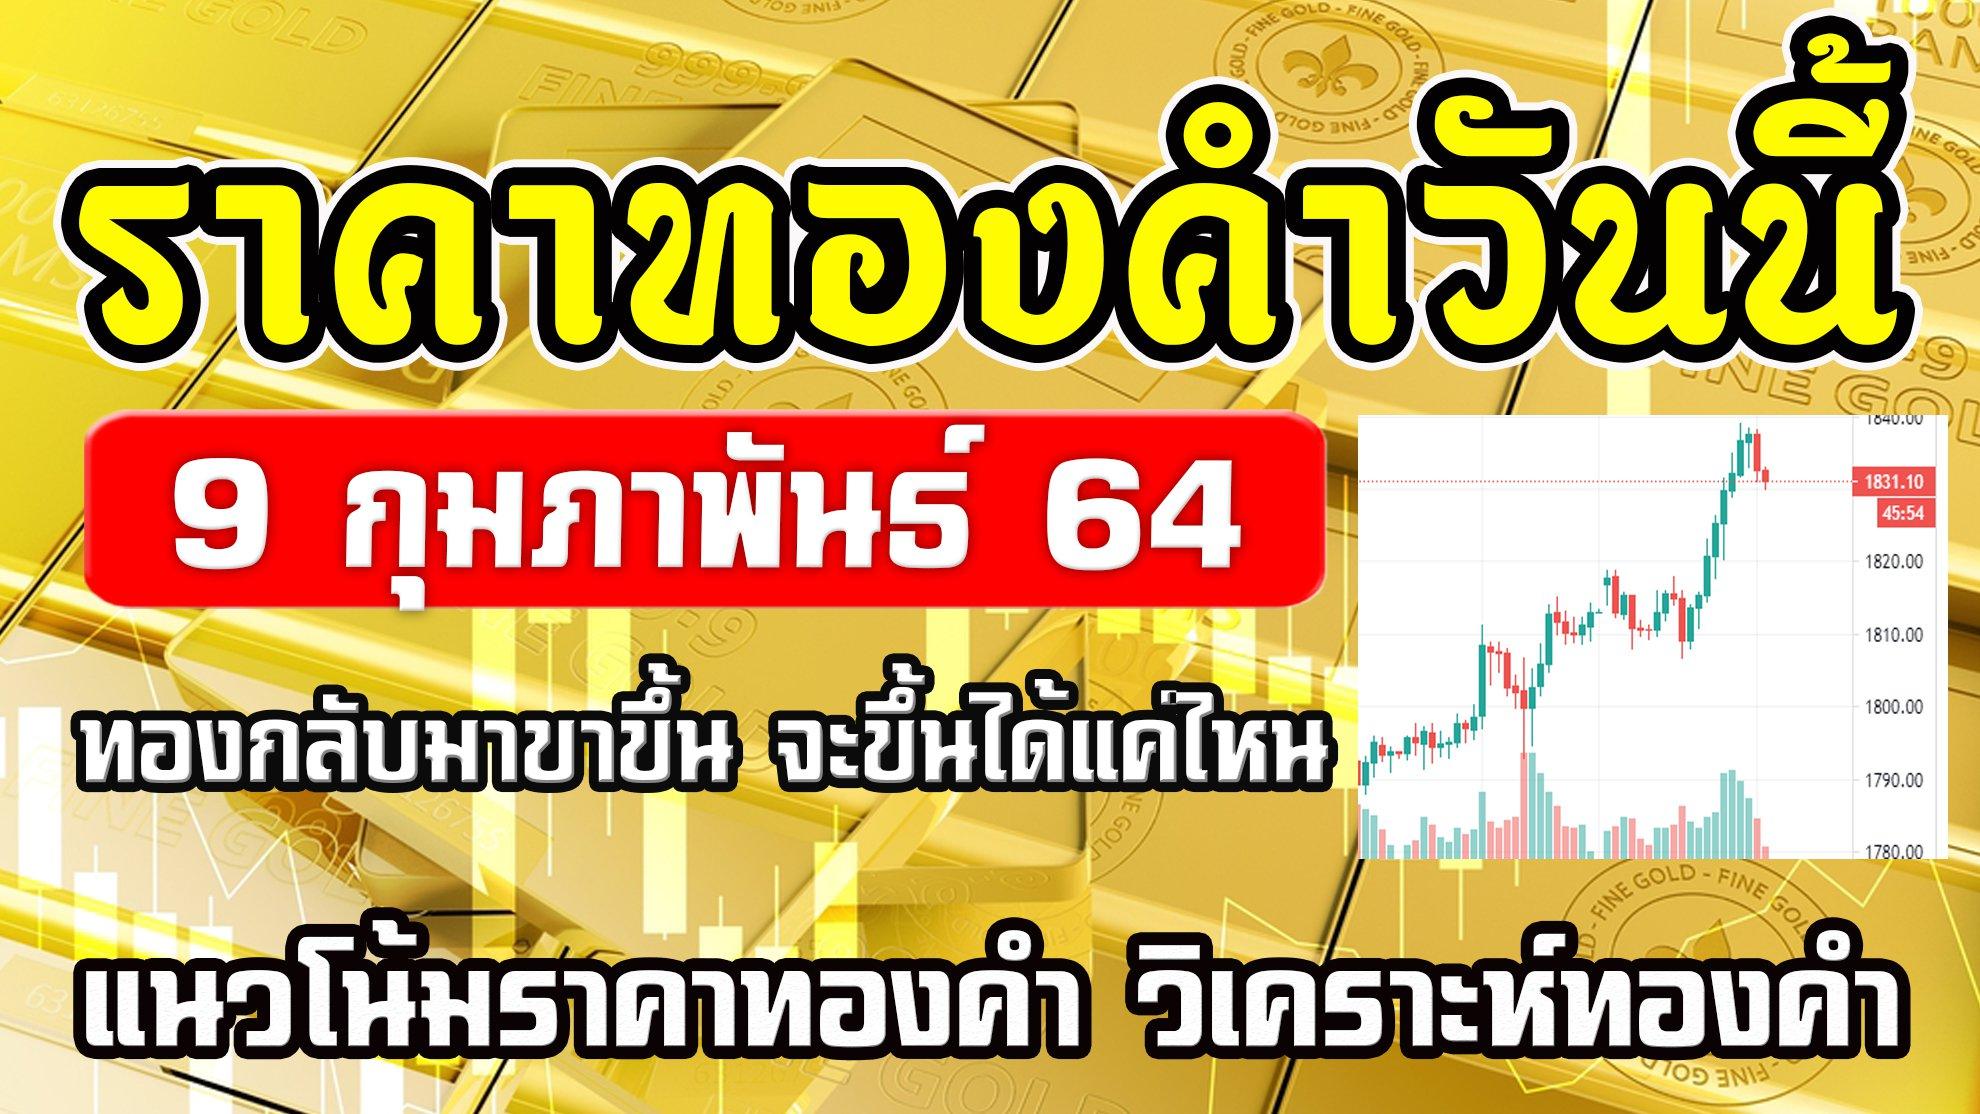 ราคาทองวันนี้ 9/2/64 ราคาทองคำวันนี้ 9กุมภาพันธ์64 ราคาทองล่าสุด วิเคราะห์ทองคำ แนวโน้มทองคำ